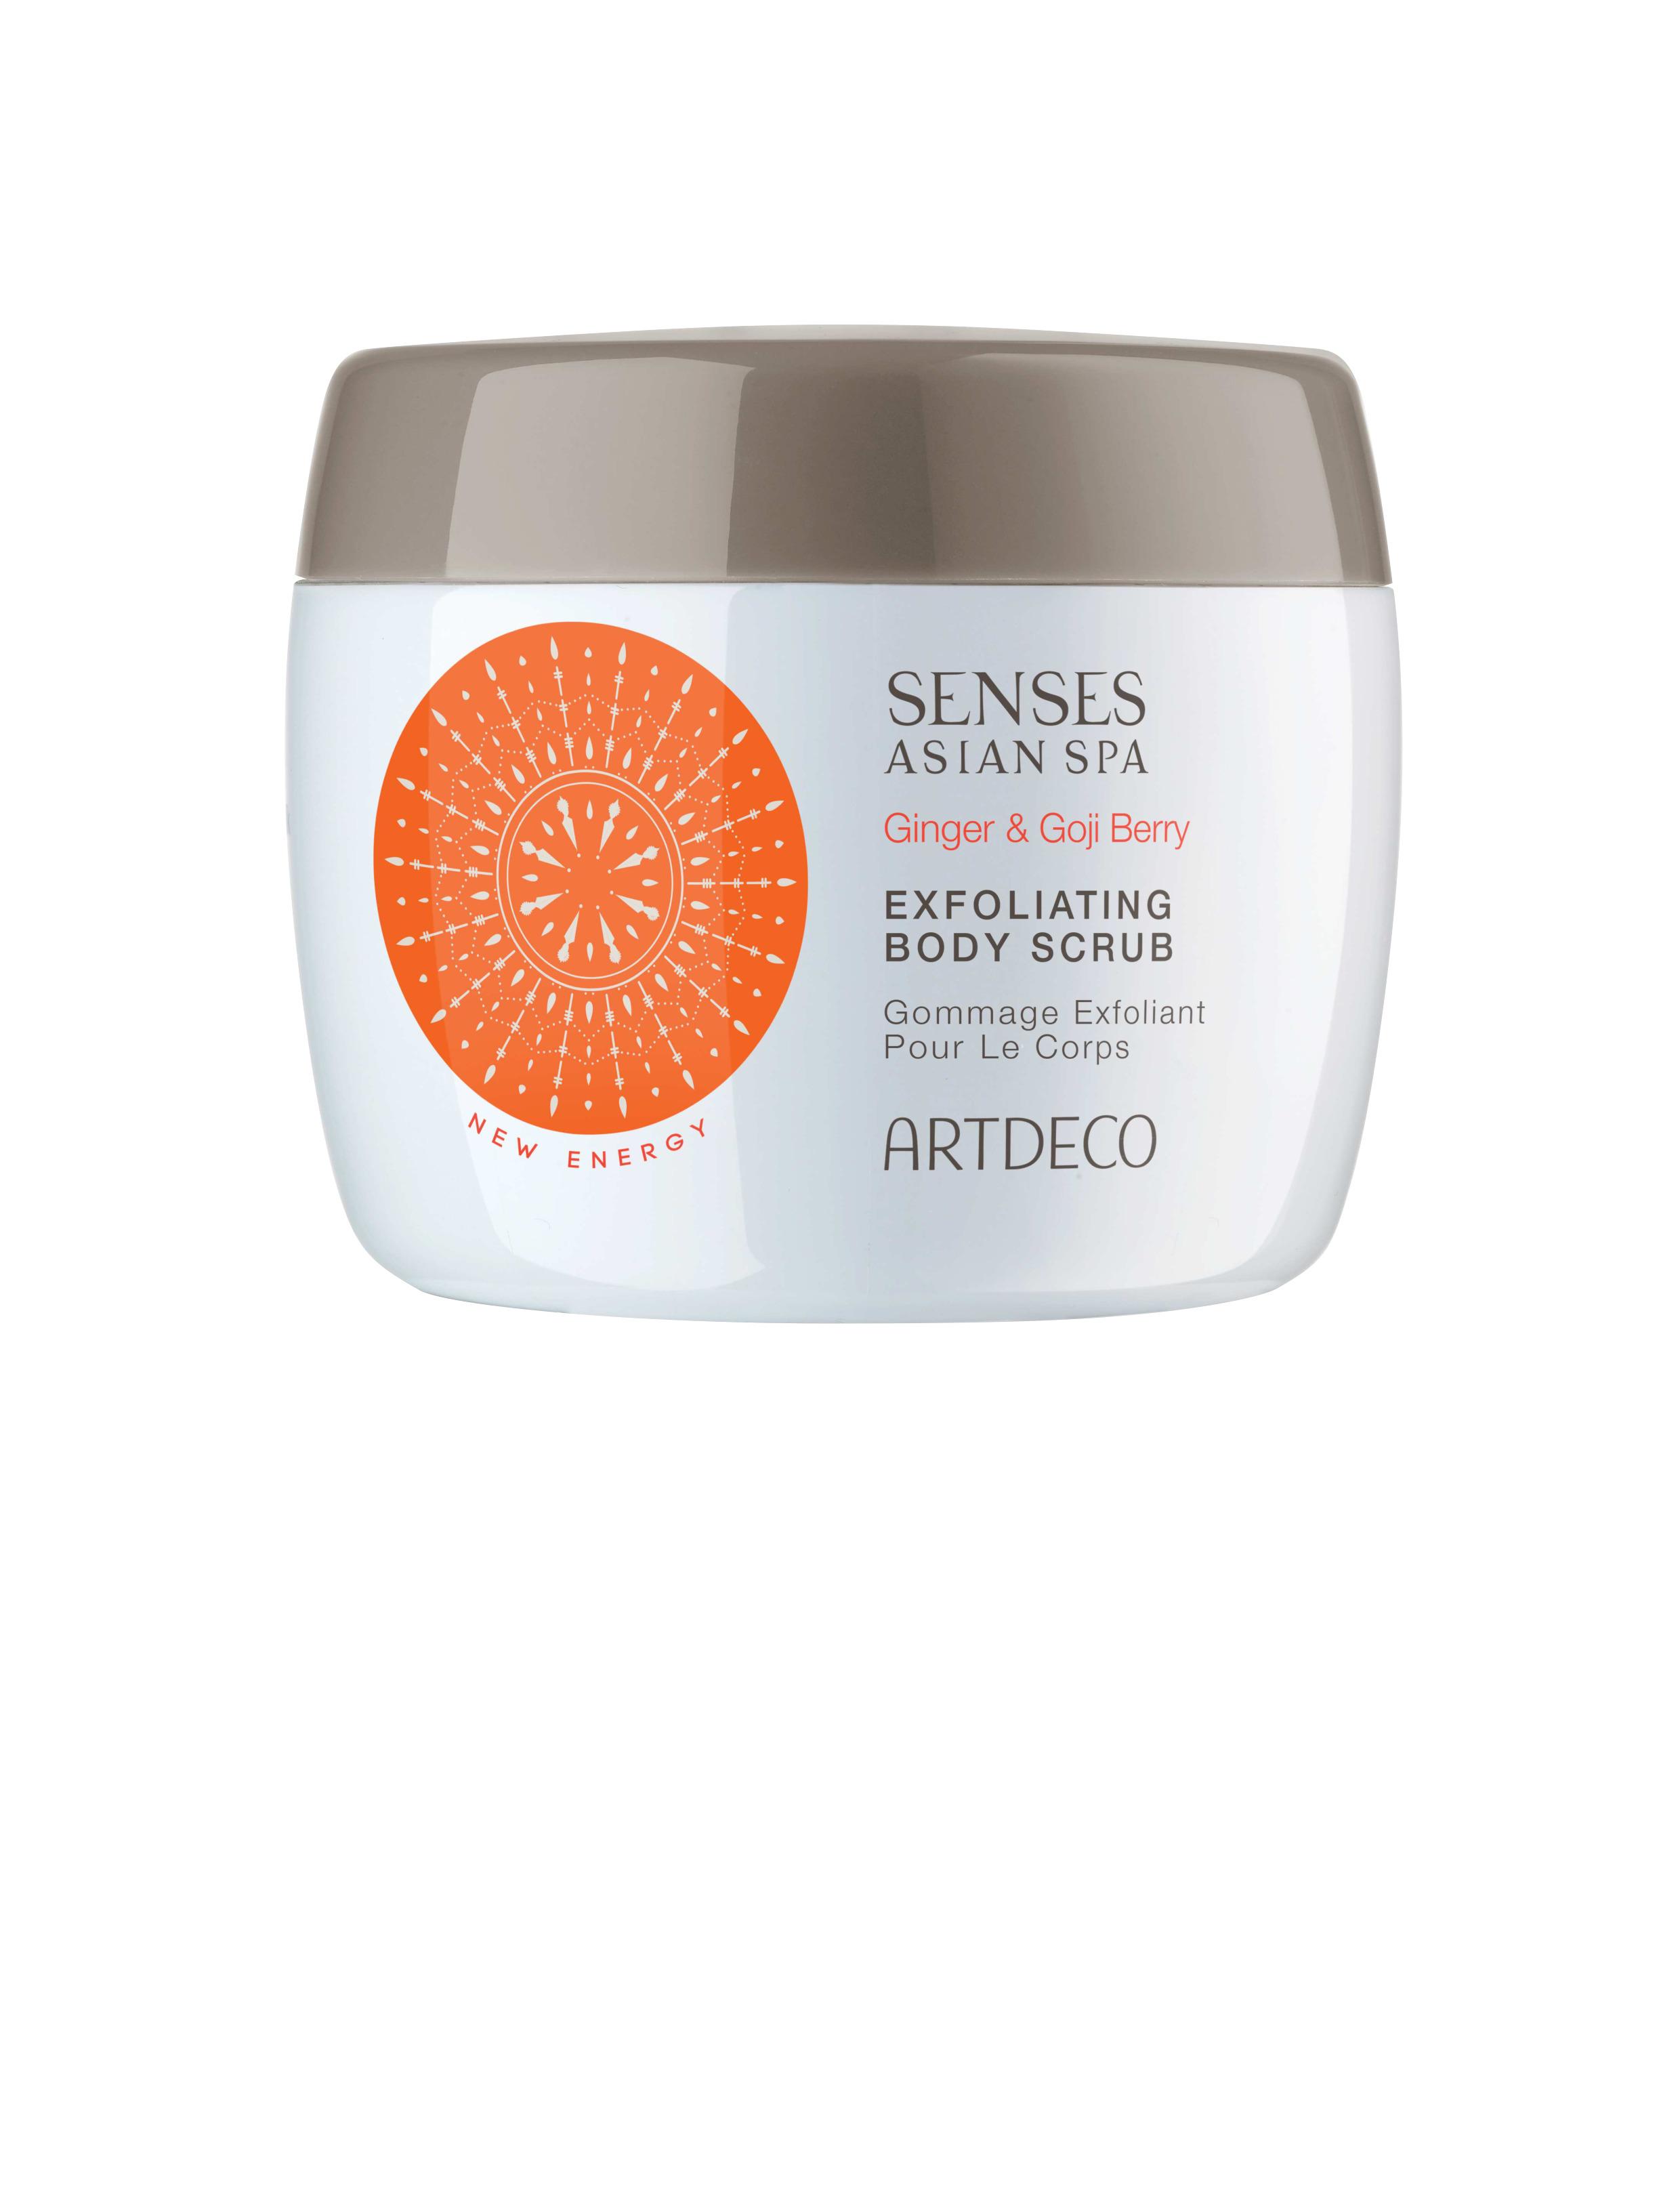 Artdeco скраб для тела отшелушивающий Exfoliating body scrub, new energy, 200 млFS-00897Бережно очищает и обновляет кожуС разглаживающим эффектом и бодрящим ароматом